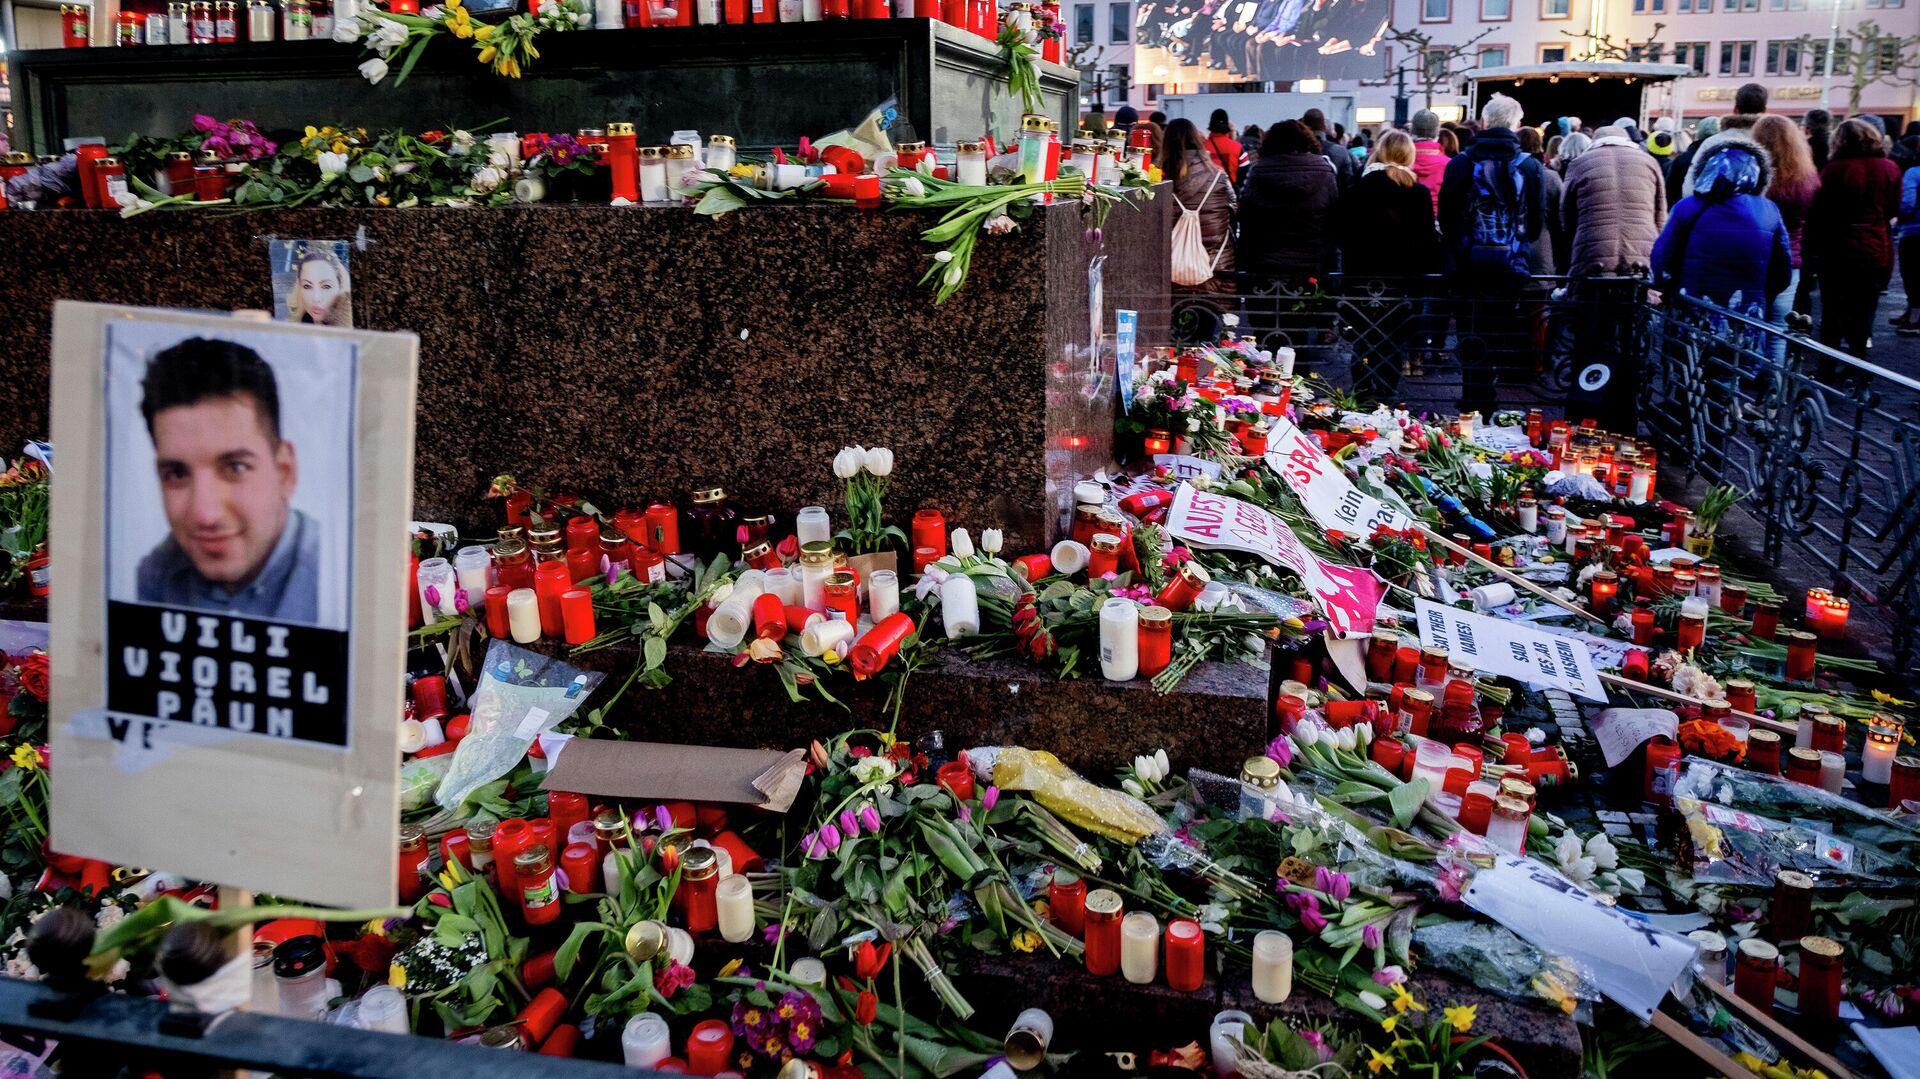 Am Ort eines Anschlags in Hanau, bei dem ein Amokschütze neun Menschen getötet hat. 4. März 2020 - SNA, 1920, 16.02.2021